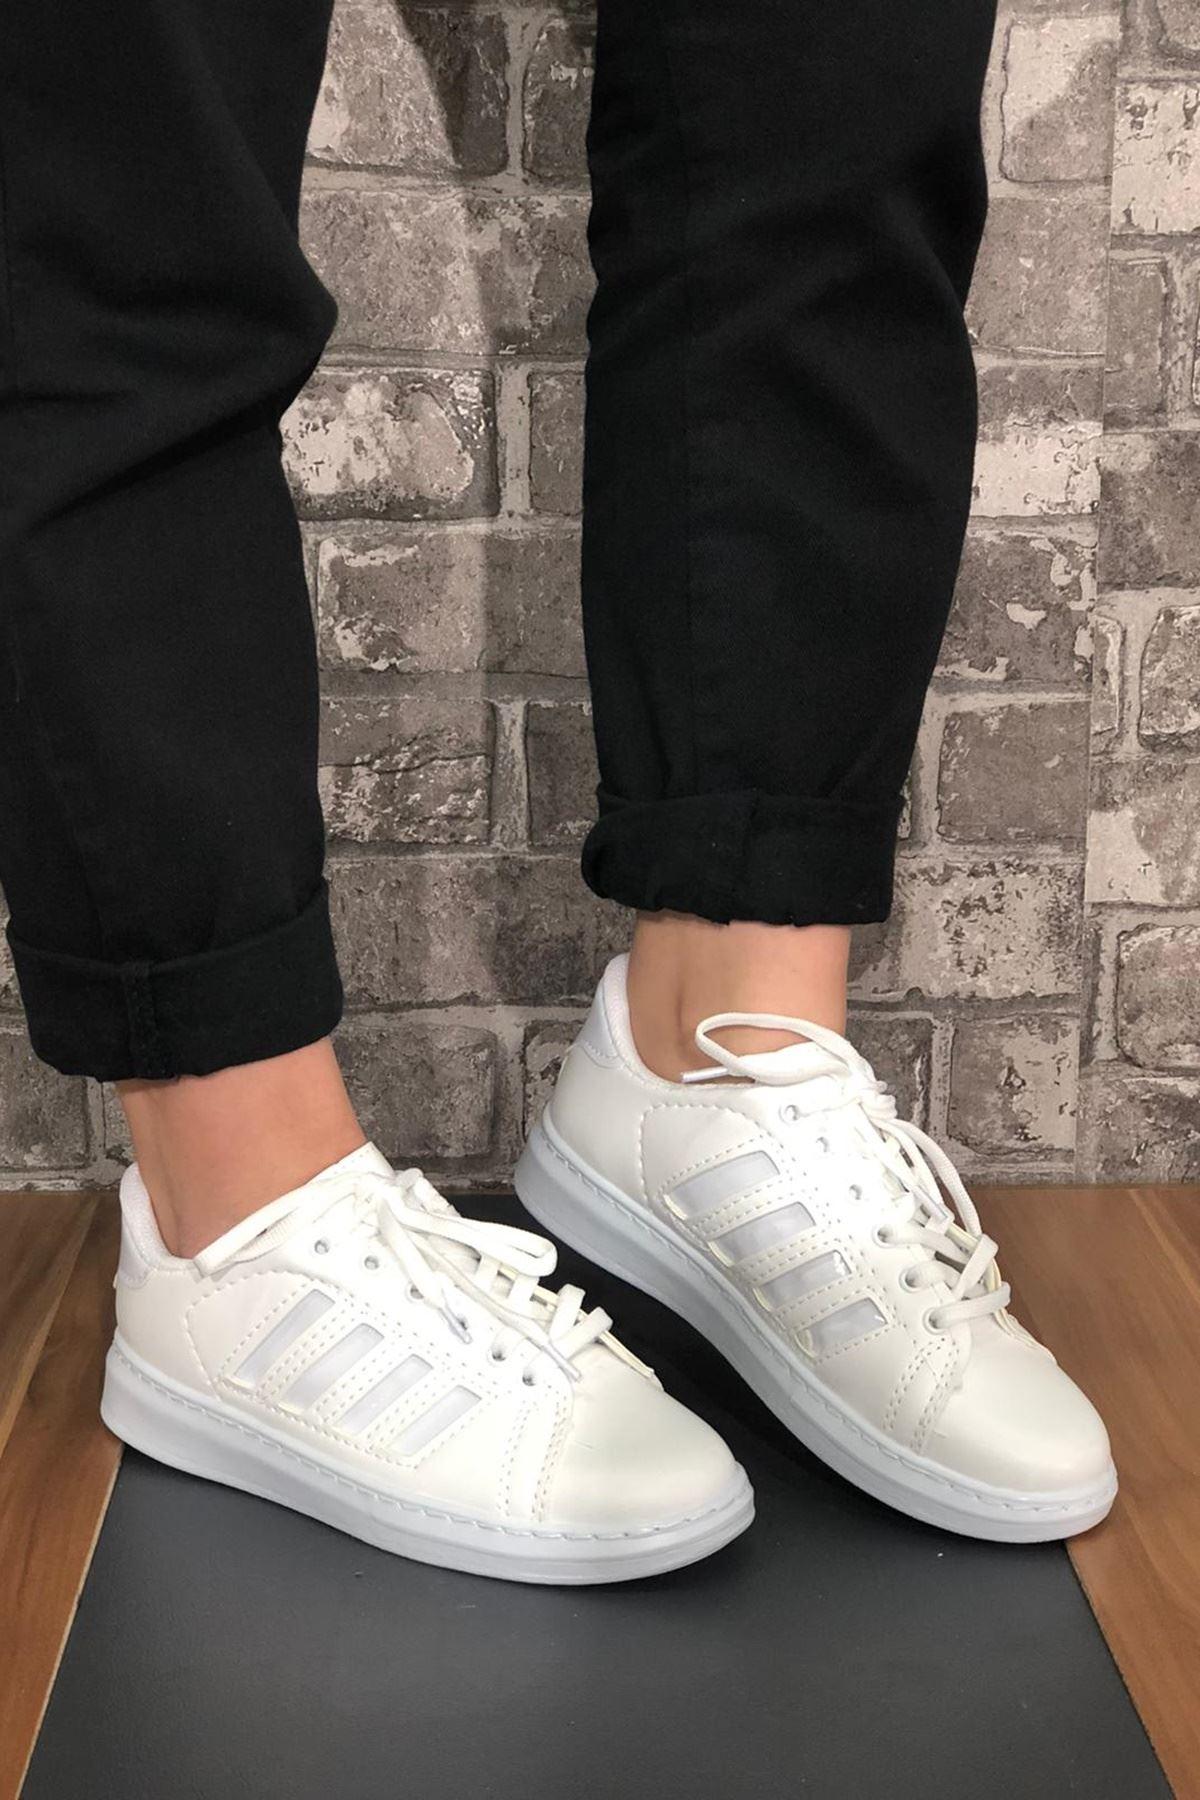 Süperstar Şeritli Spor Ayakkabı - Beyaz